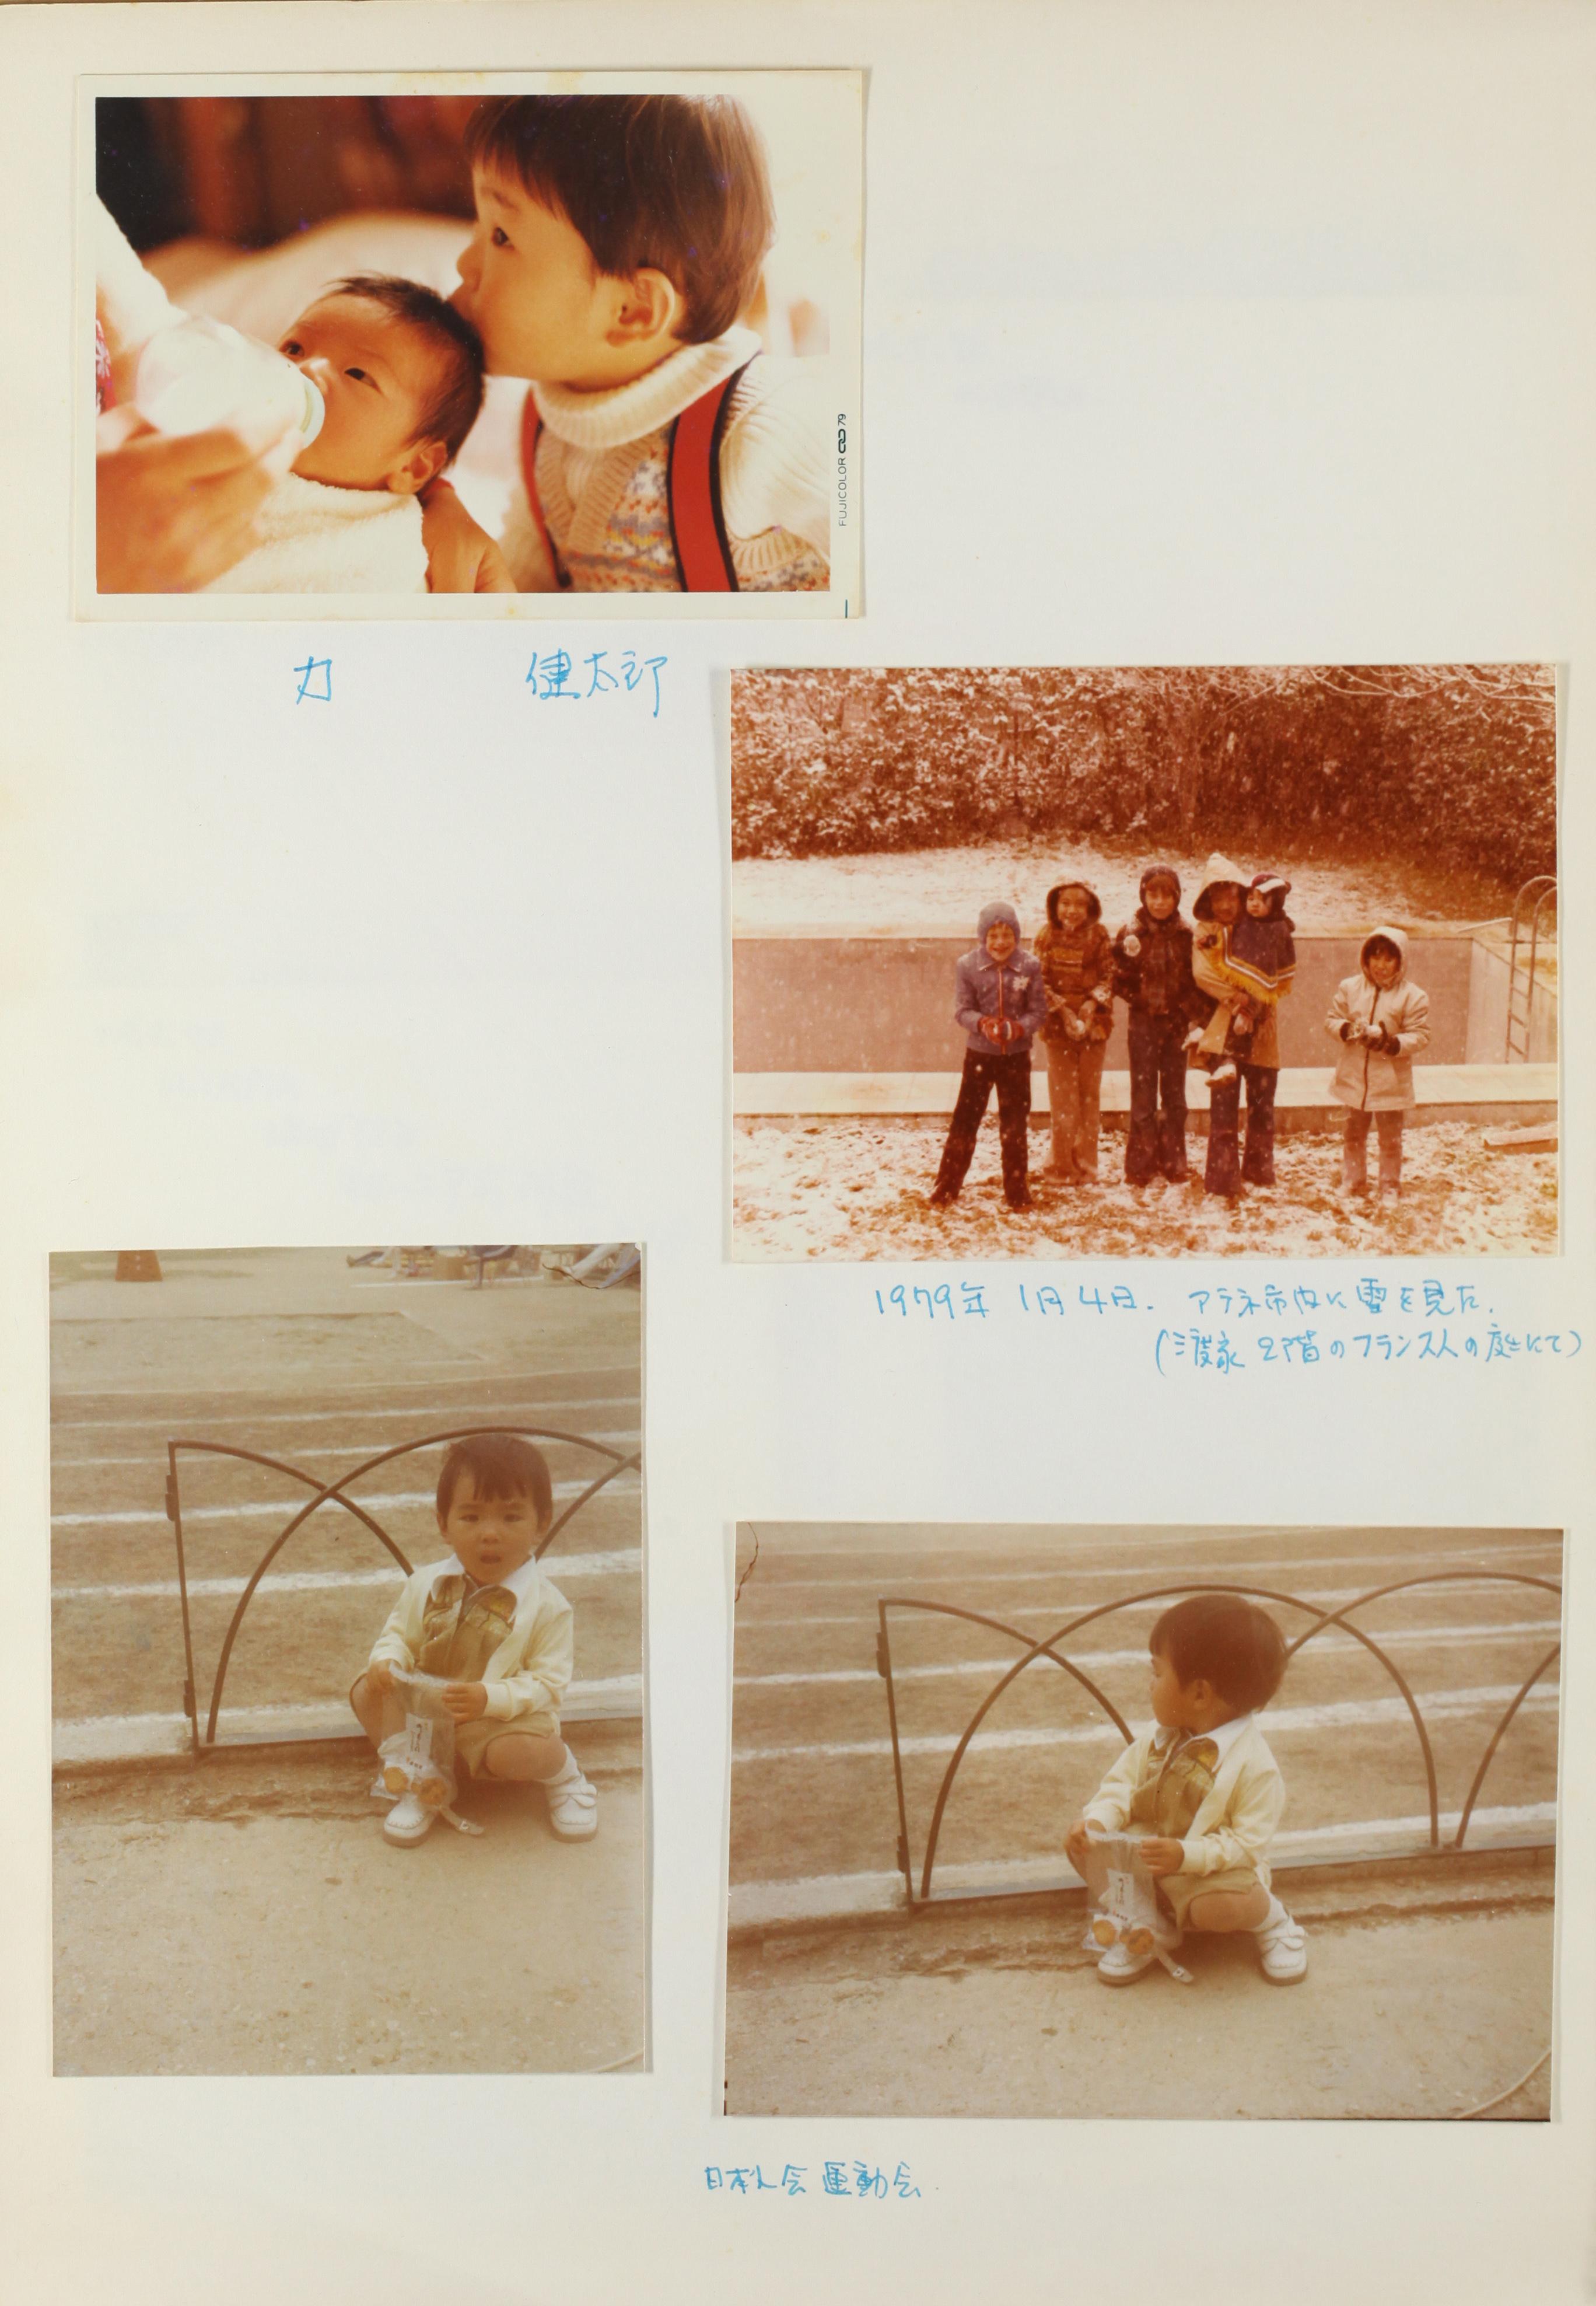 スキャンサンプル:アルバム‐ページスキャン ①